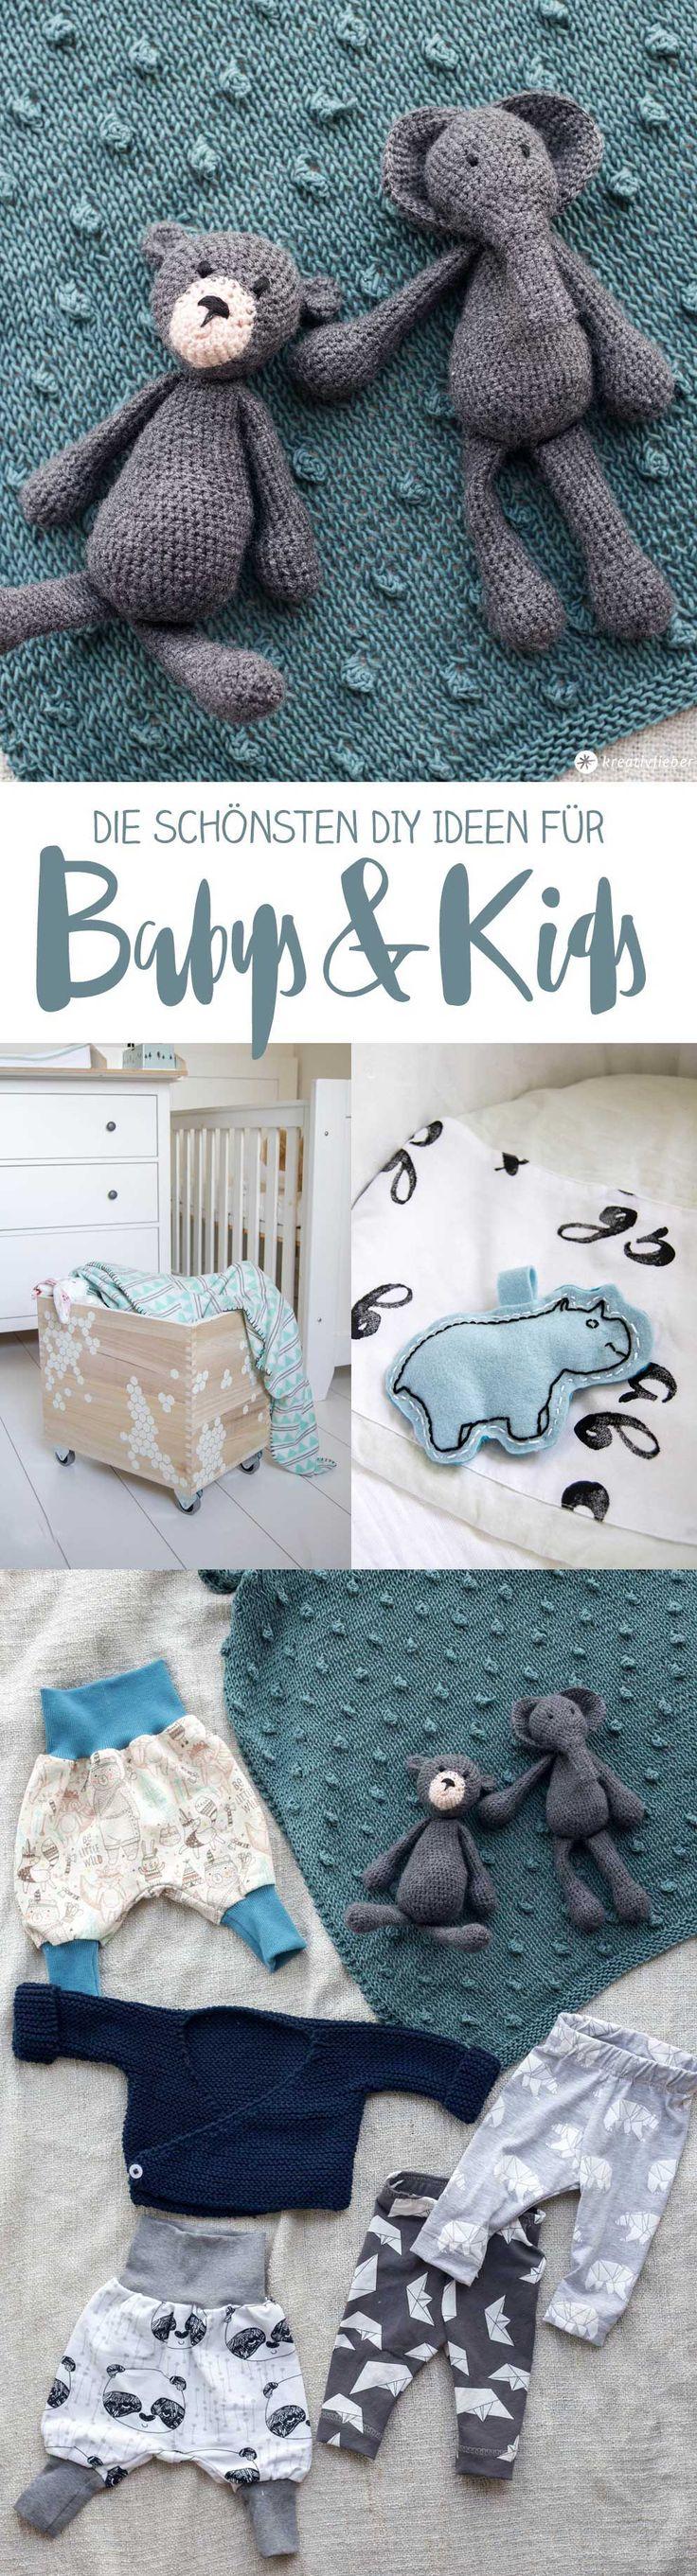 Die schönsten DIY Ideen für Babys und Kids - DIY Geschenke für Babys #diy #diybaby #geschenkezurgeburt #kinderzimmer